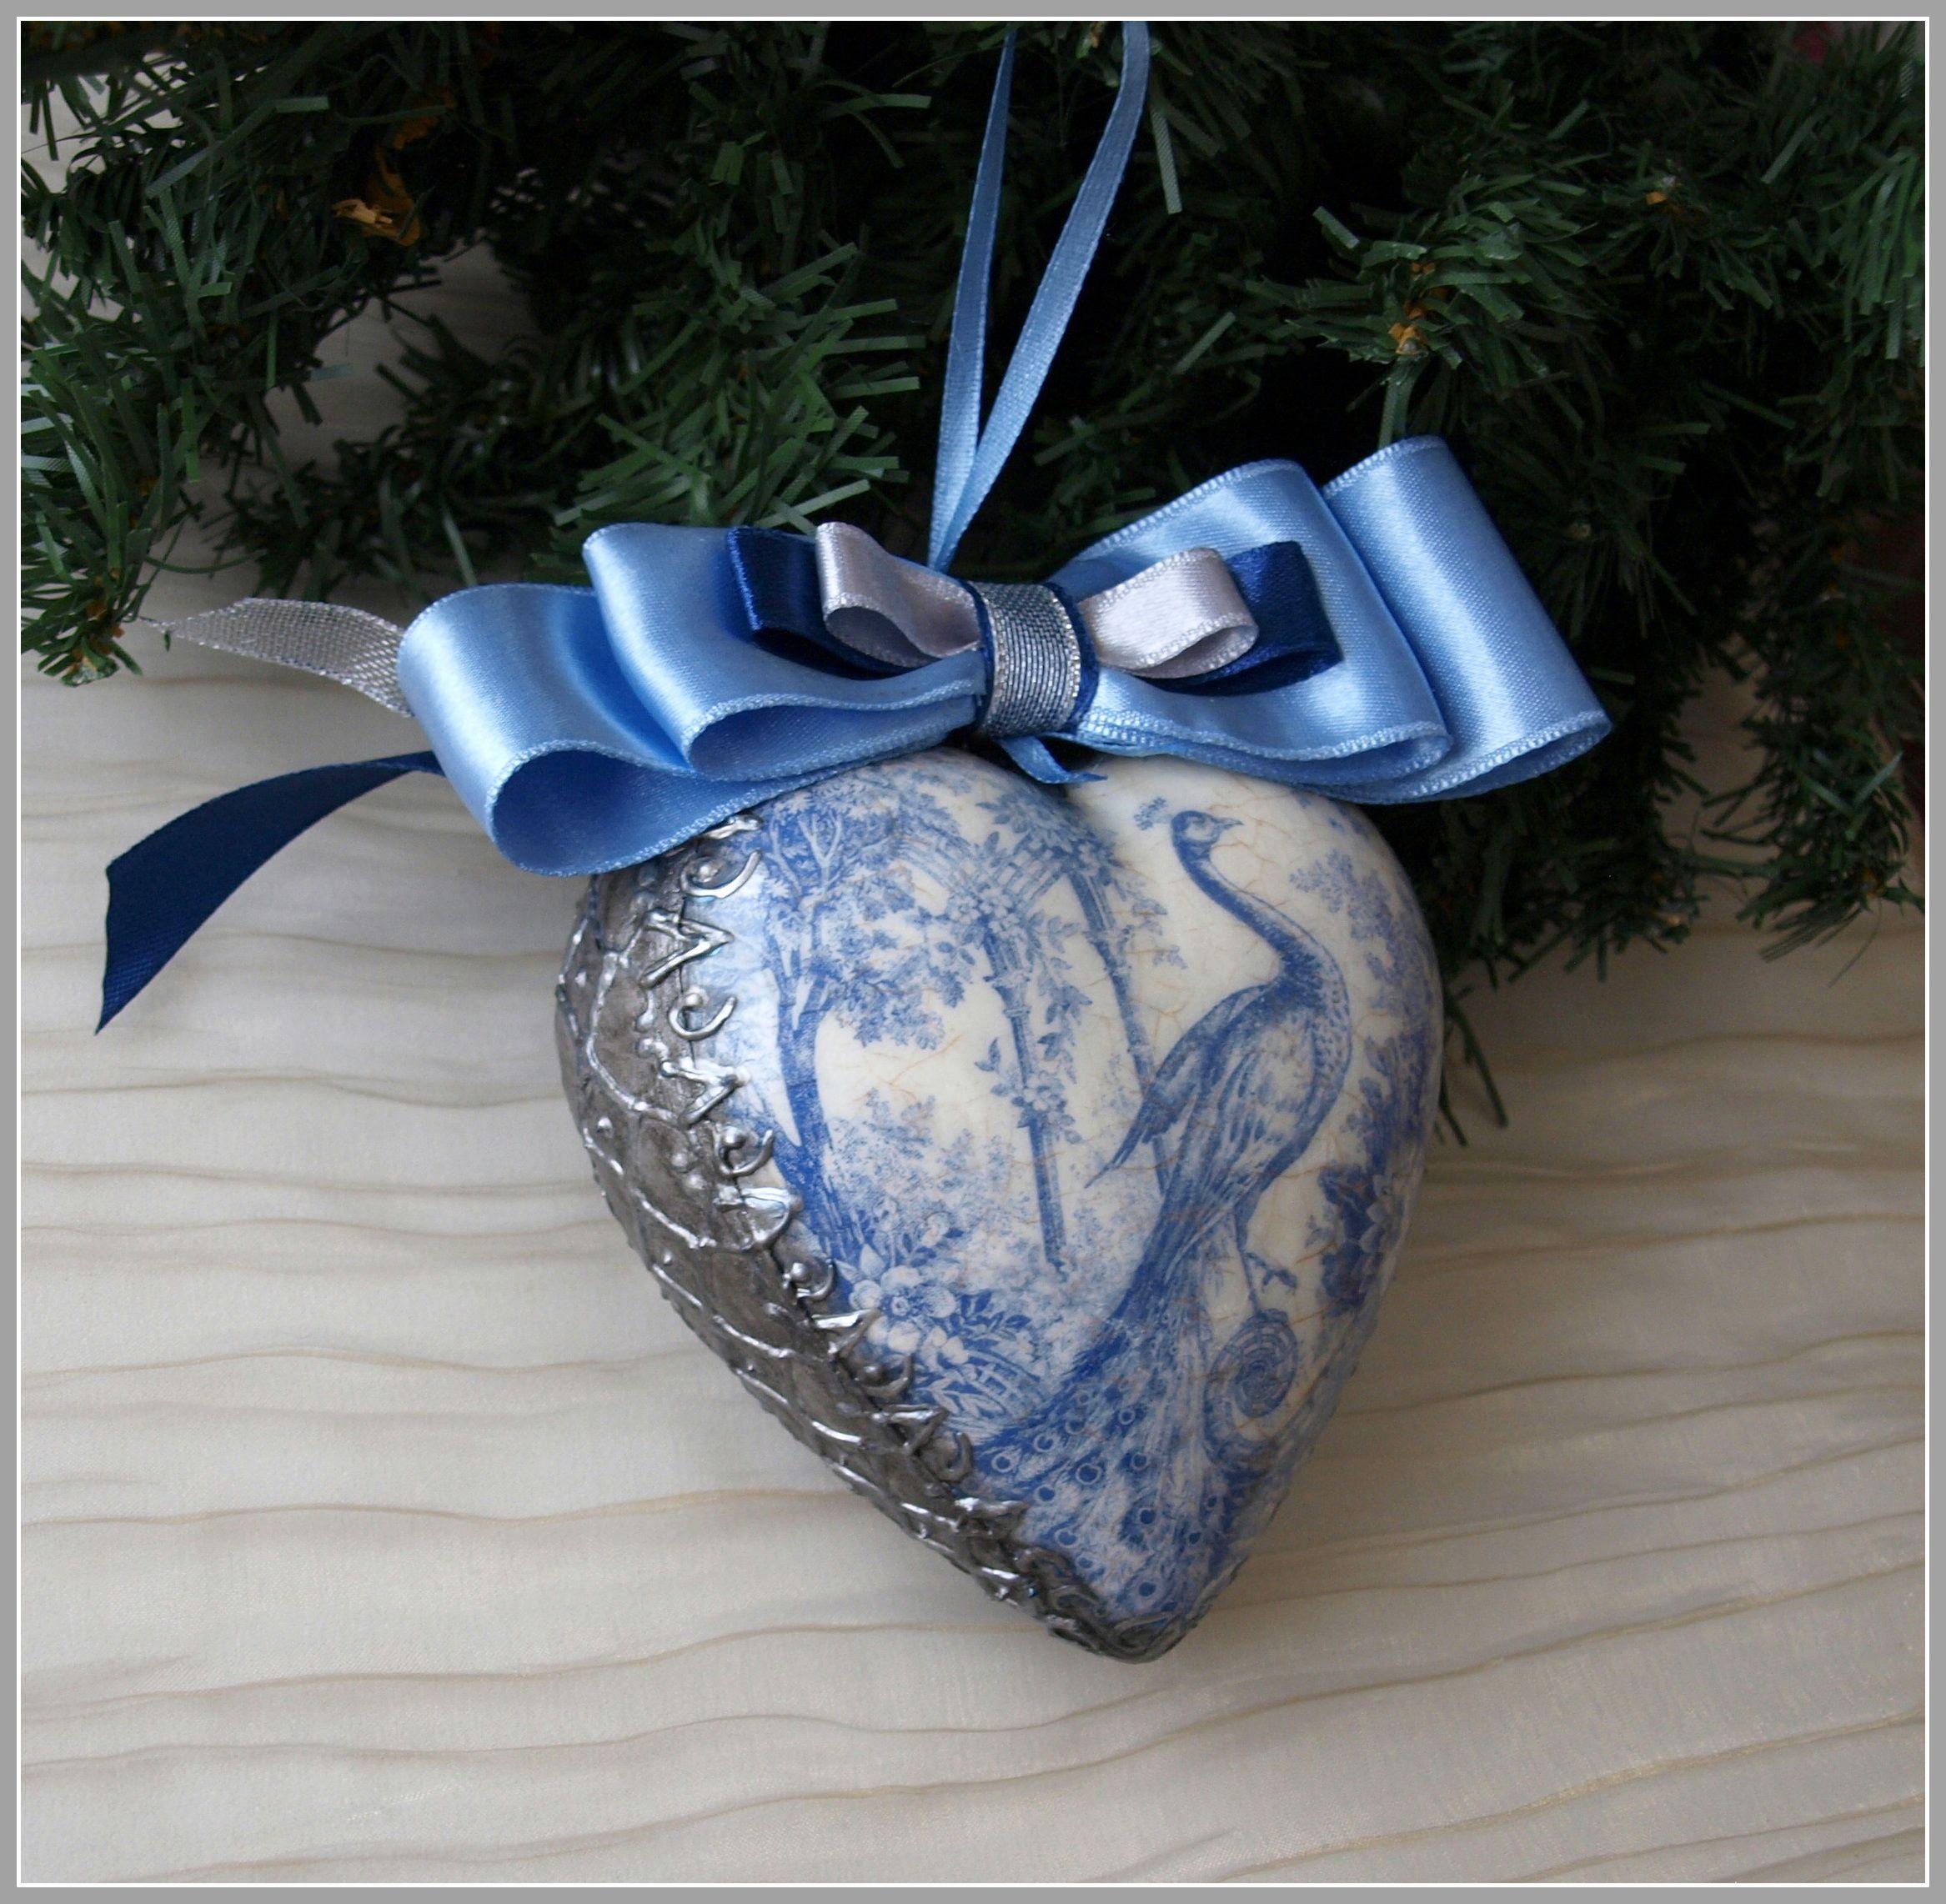 серебряный 14февраля синий игрушка любовь сердце рождество павлин керамика керамическаяплитка бант длявлюбленных новогоднееукрашение интерьерноеукрашение елочноеукрашение белый елочная рождественский любимой